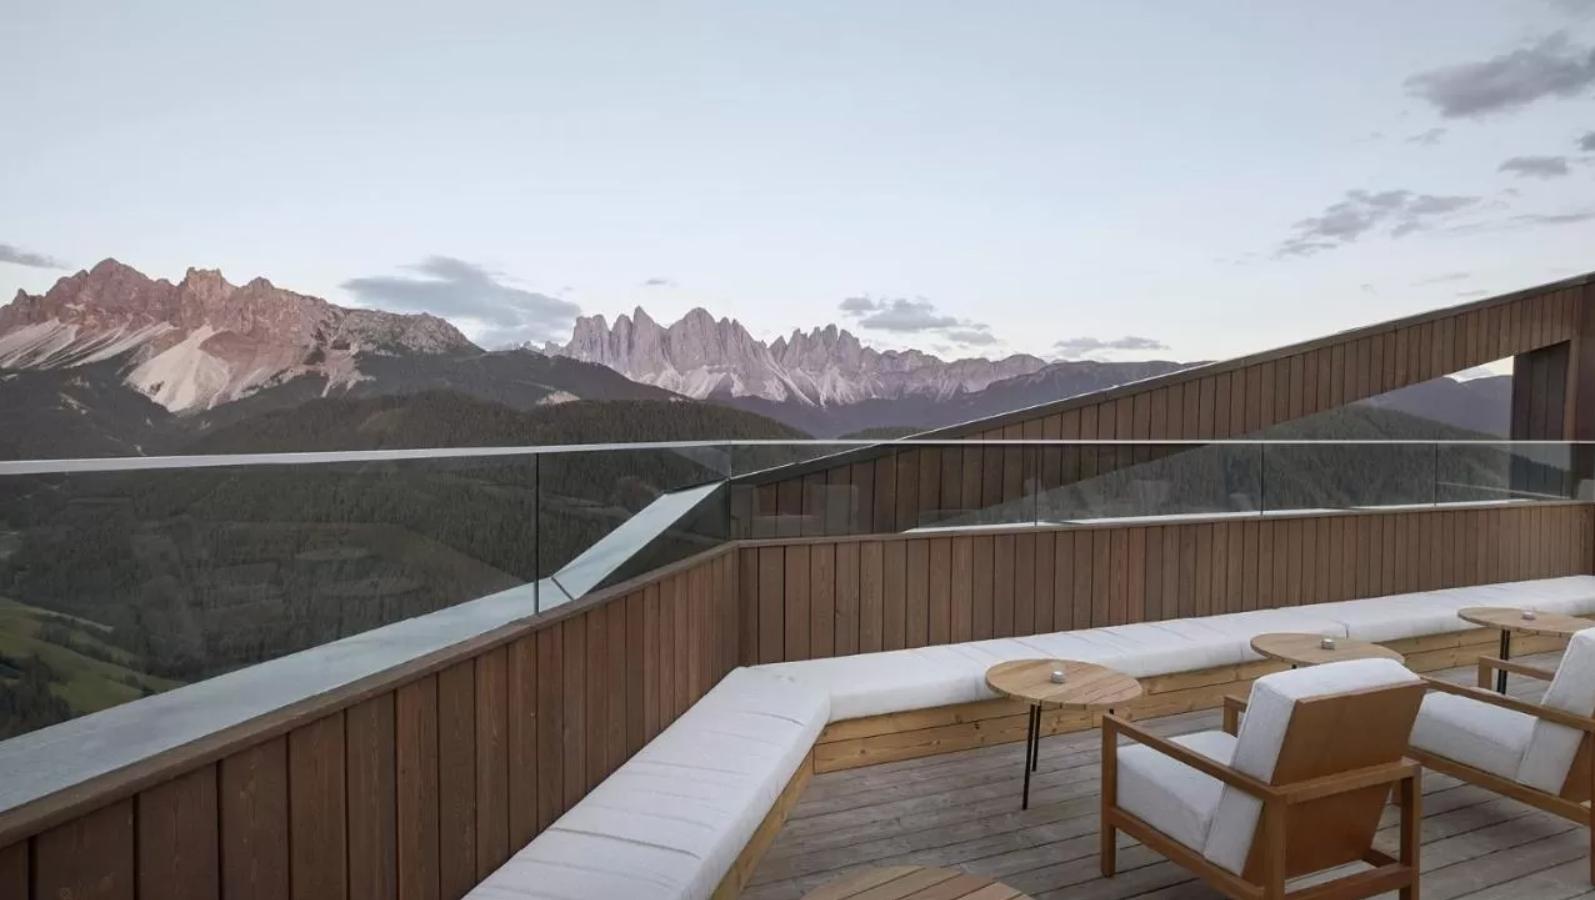 forestis remote hotel in italia